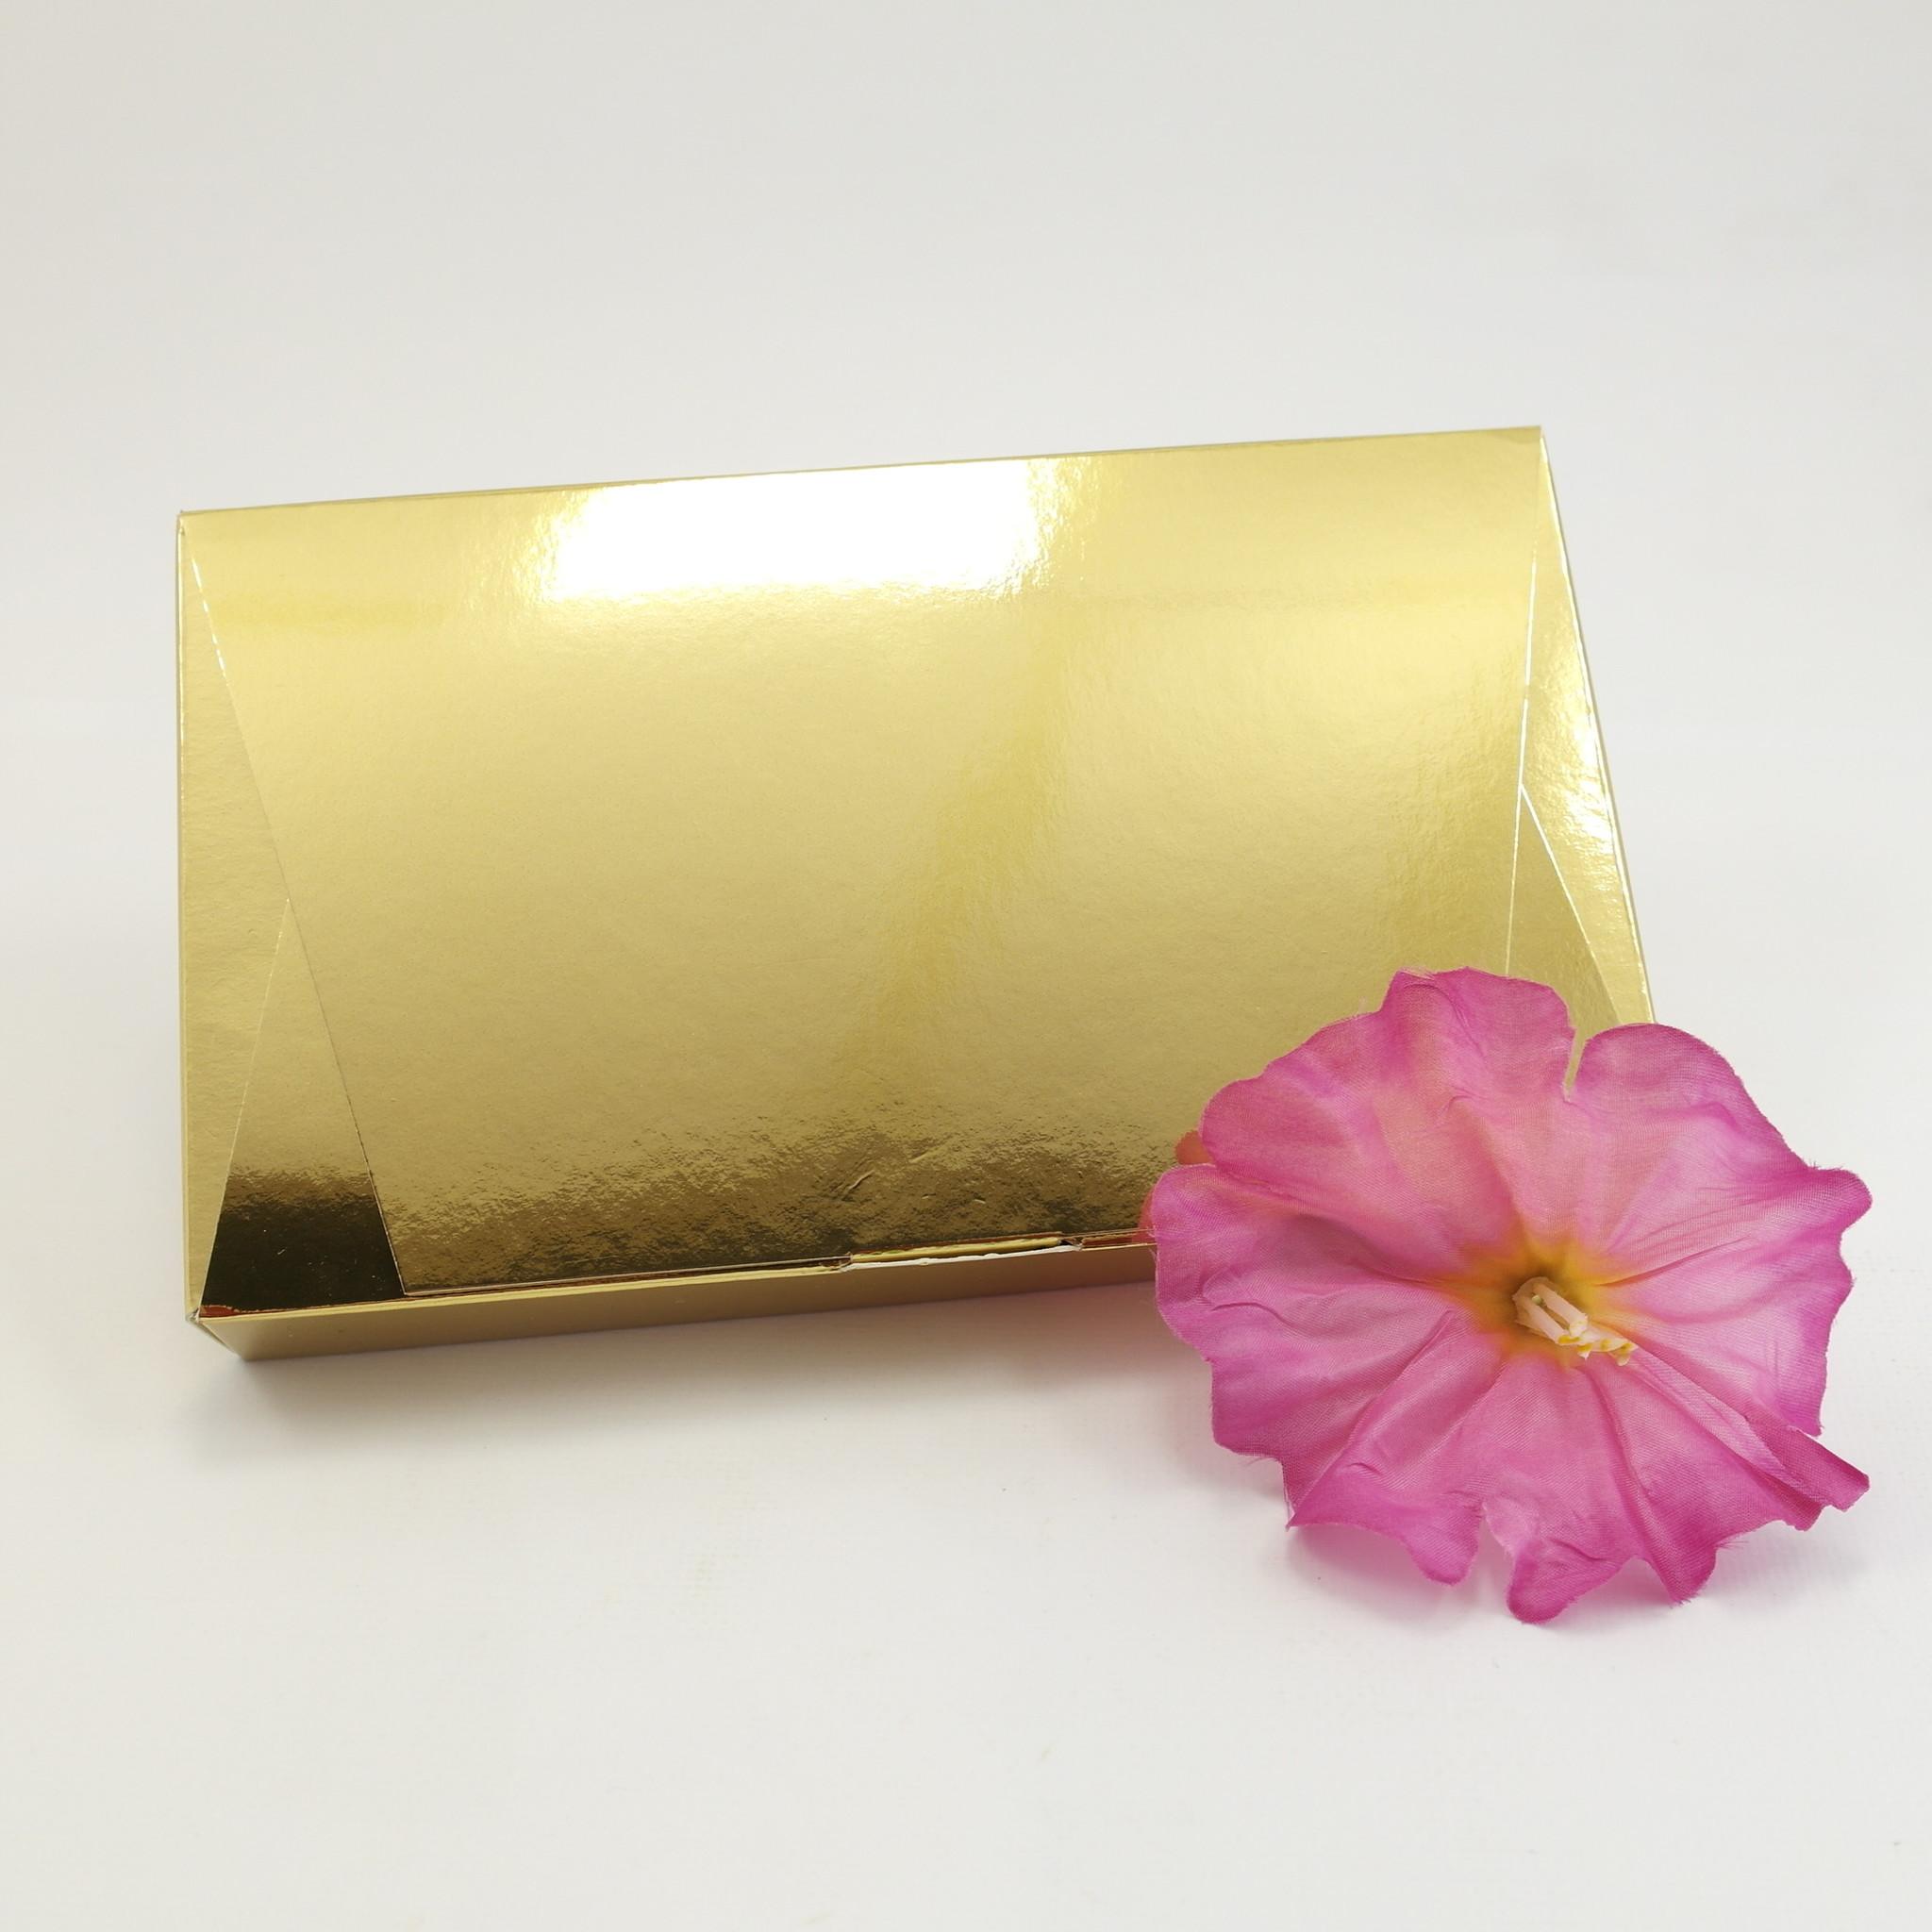 Proefpakket 18 x losse thee + 1 theebloem in geschenkverpakking